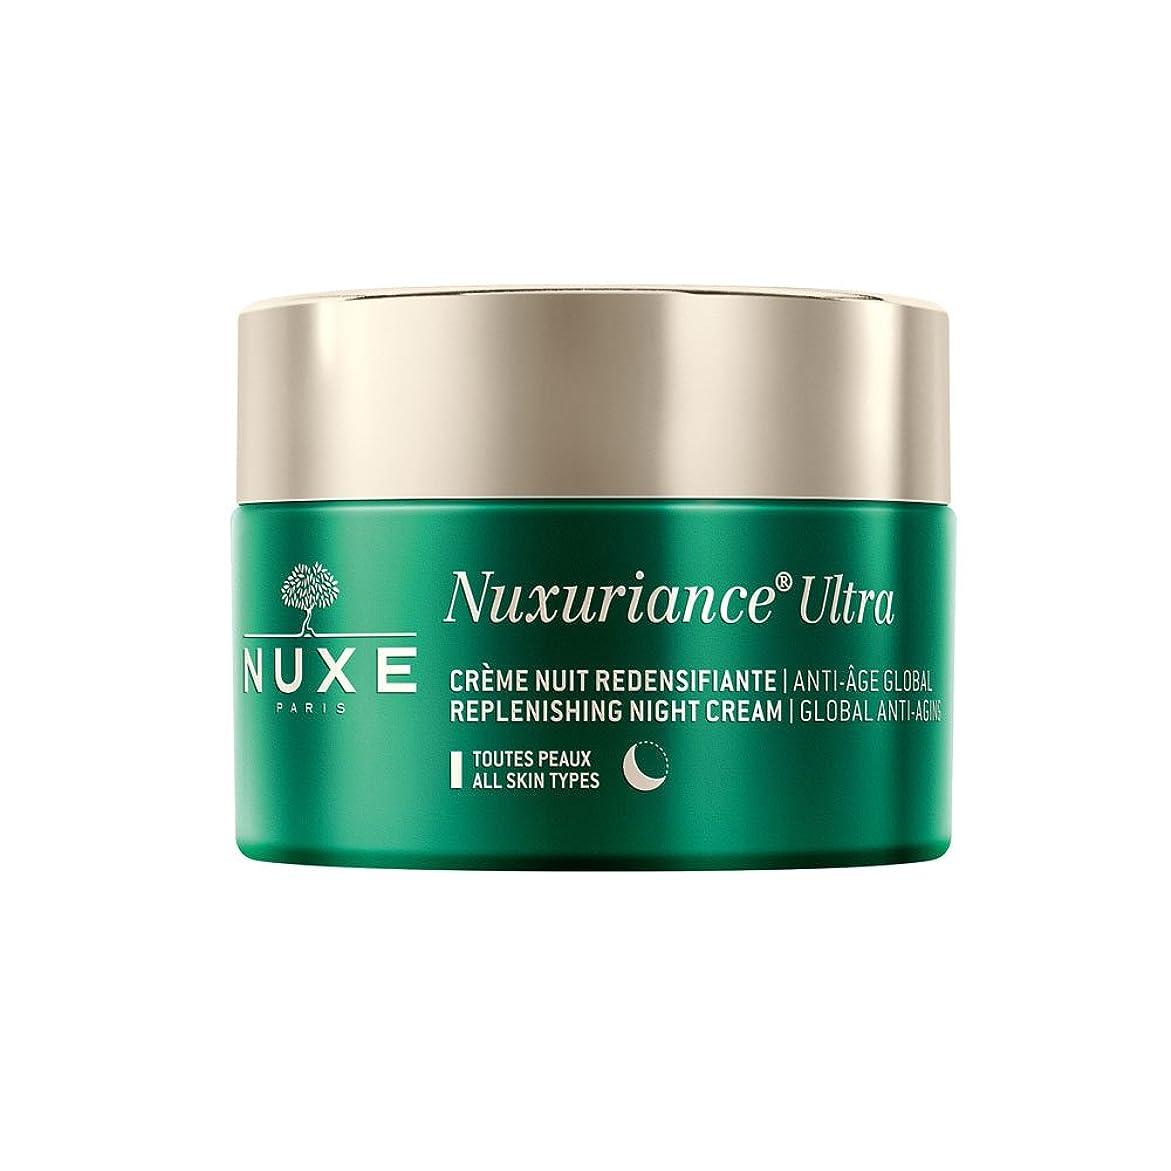 かき混ぜる急降下化学ニュクス(NUXE) ニュクスリアンス UR ナイト クリーム 50mL